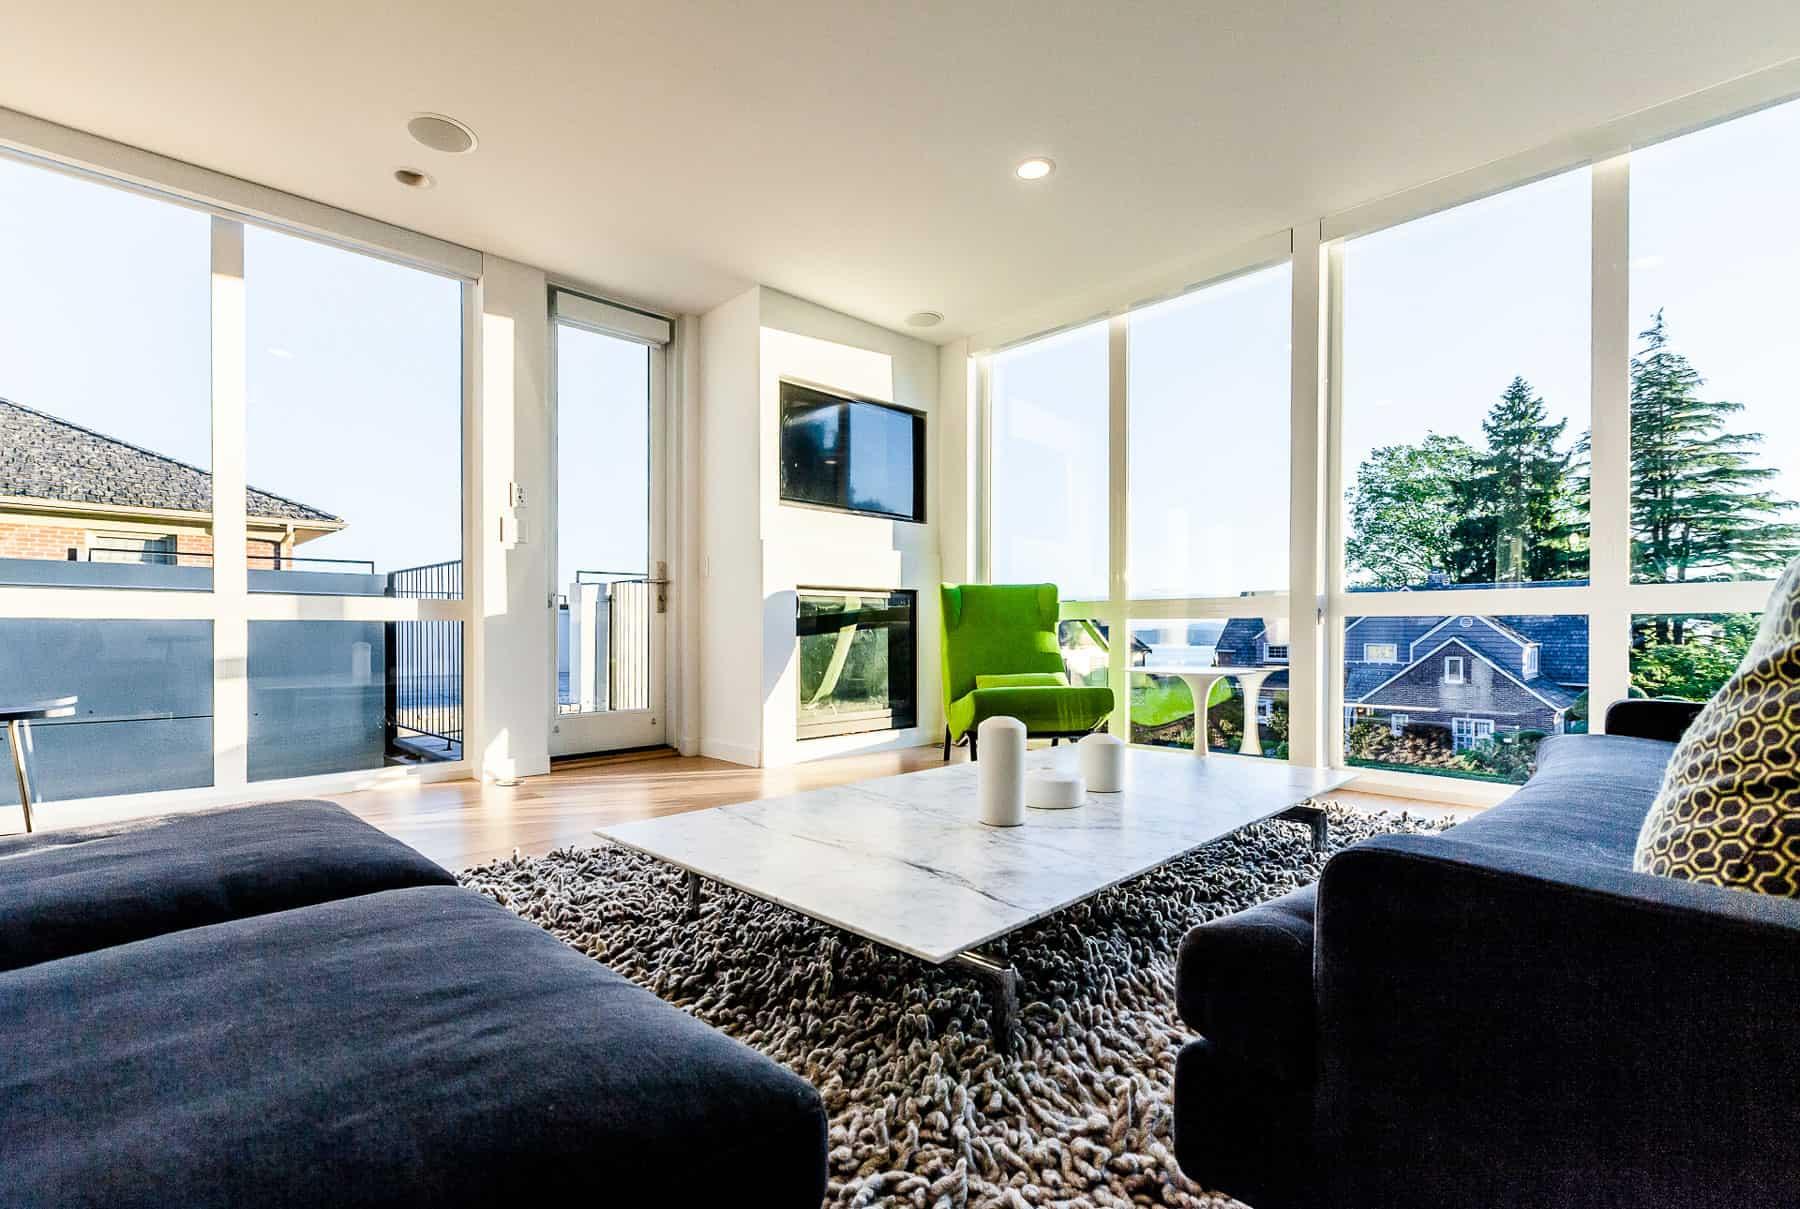 Aurea Residence by Chris Pardo Design: Elemental Architecture